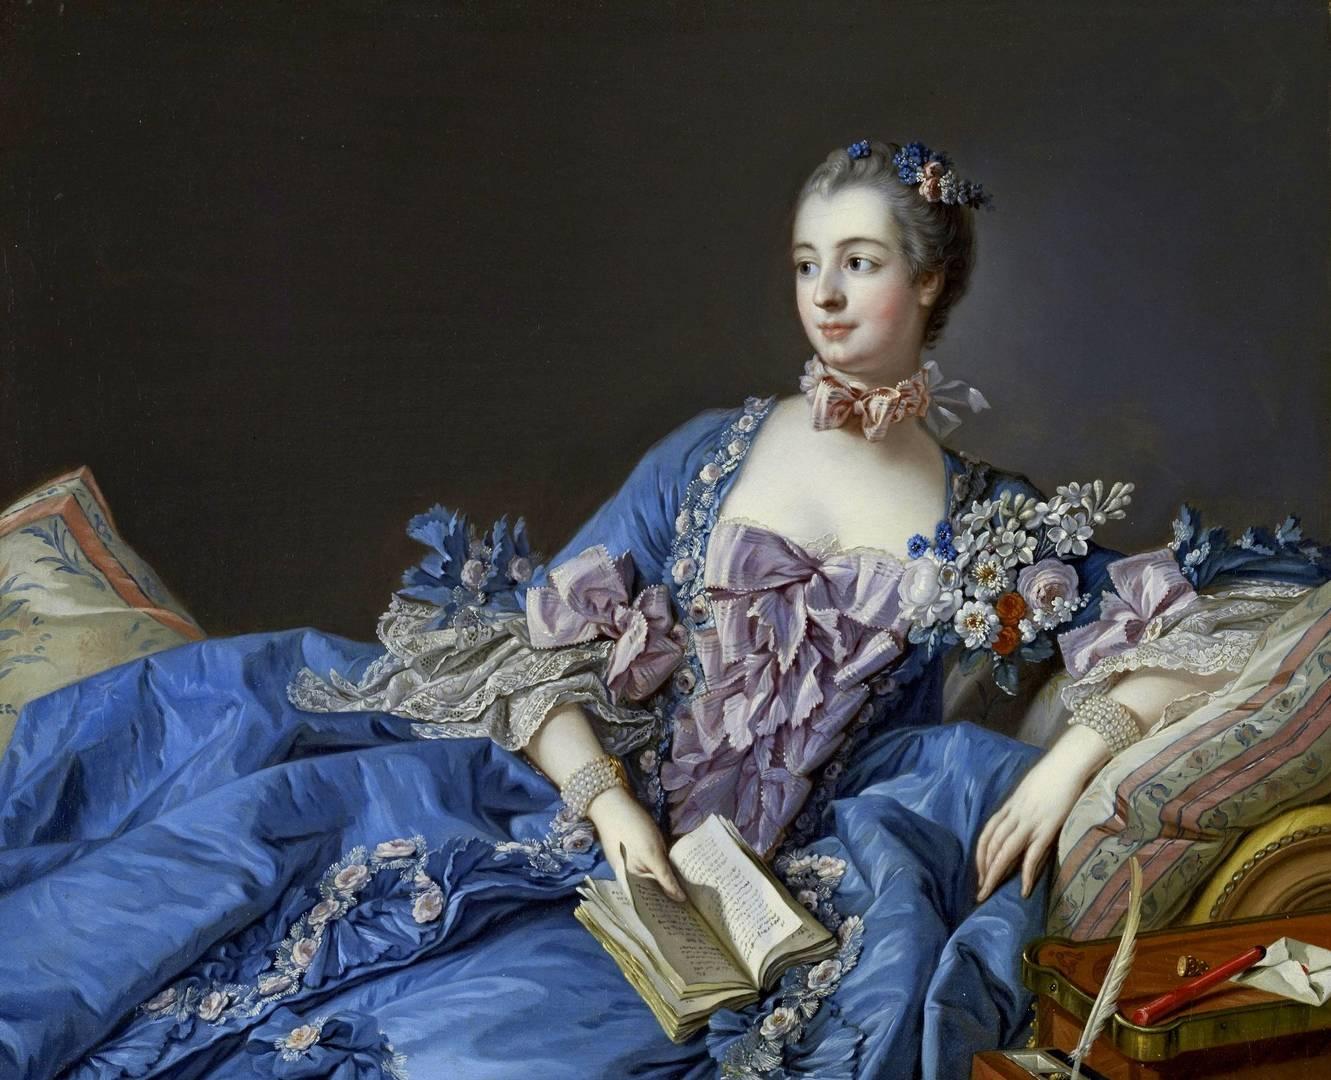 Портрет мадам де Помпадур. Франсуа Буше, 1756